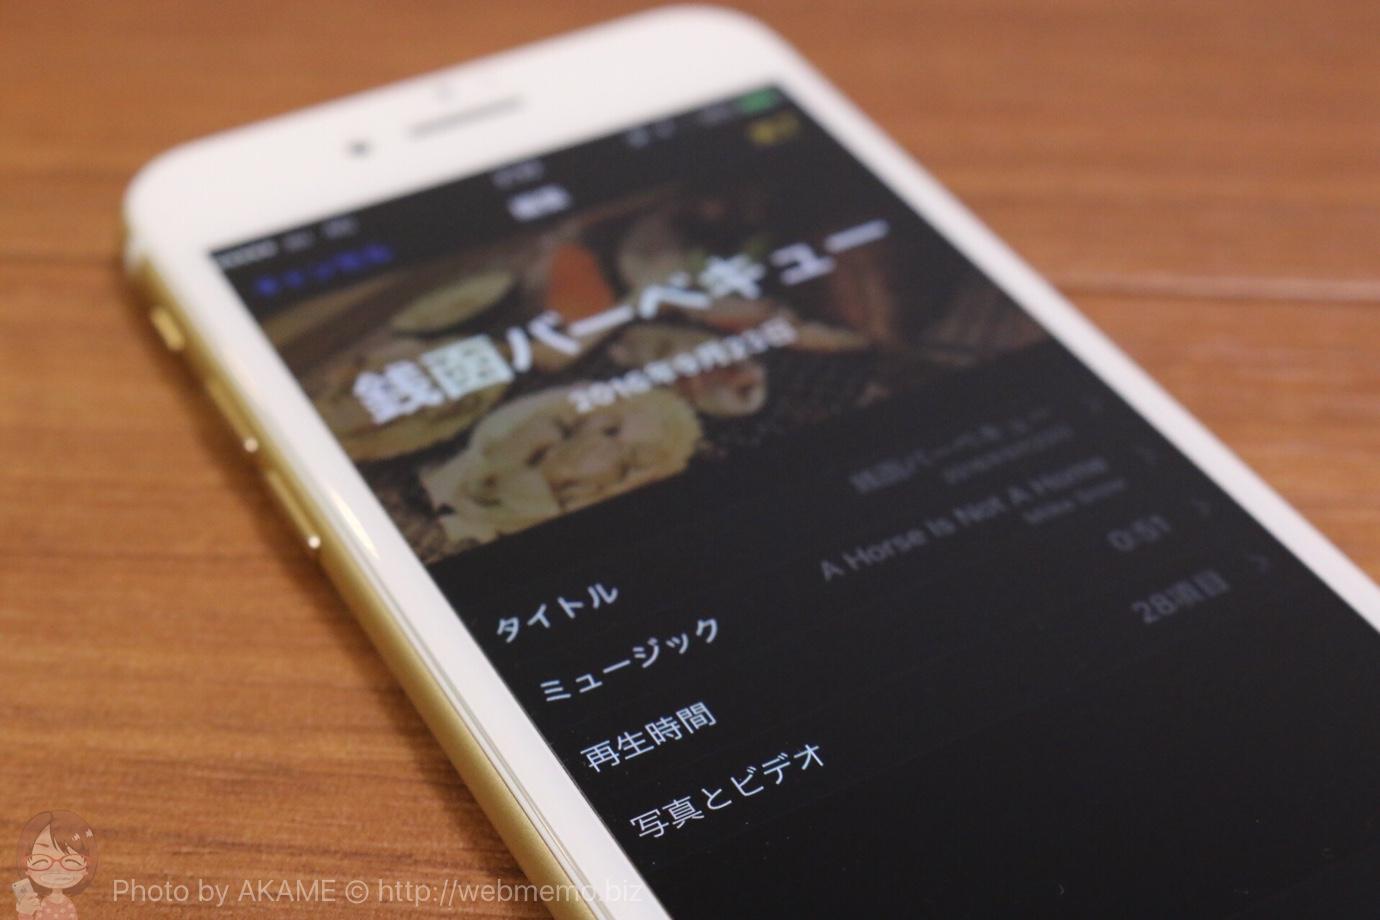 iPhone メモリーのタイトルや日付、ミュージック(音楽)を変更する方法